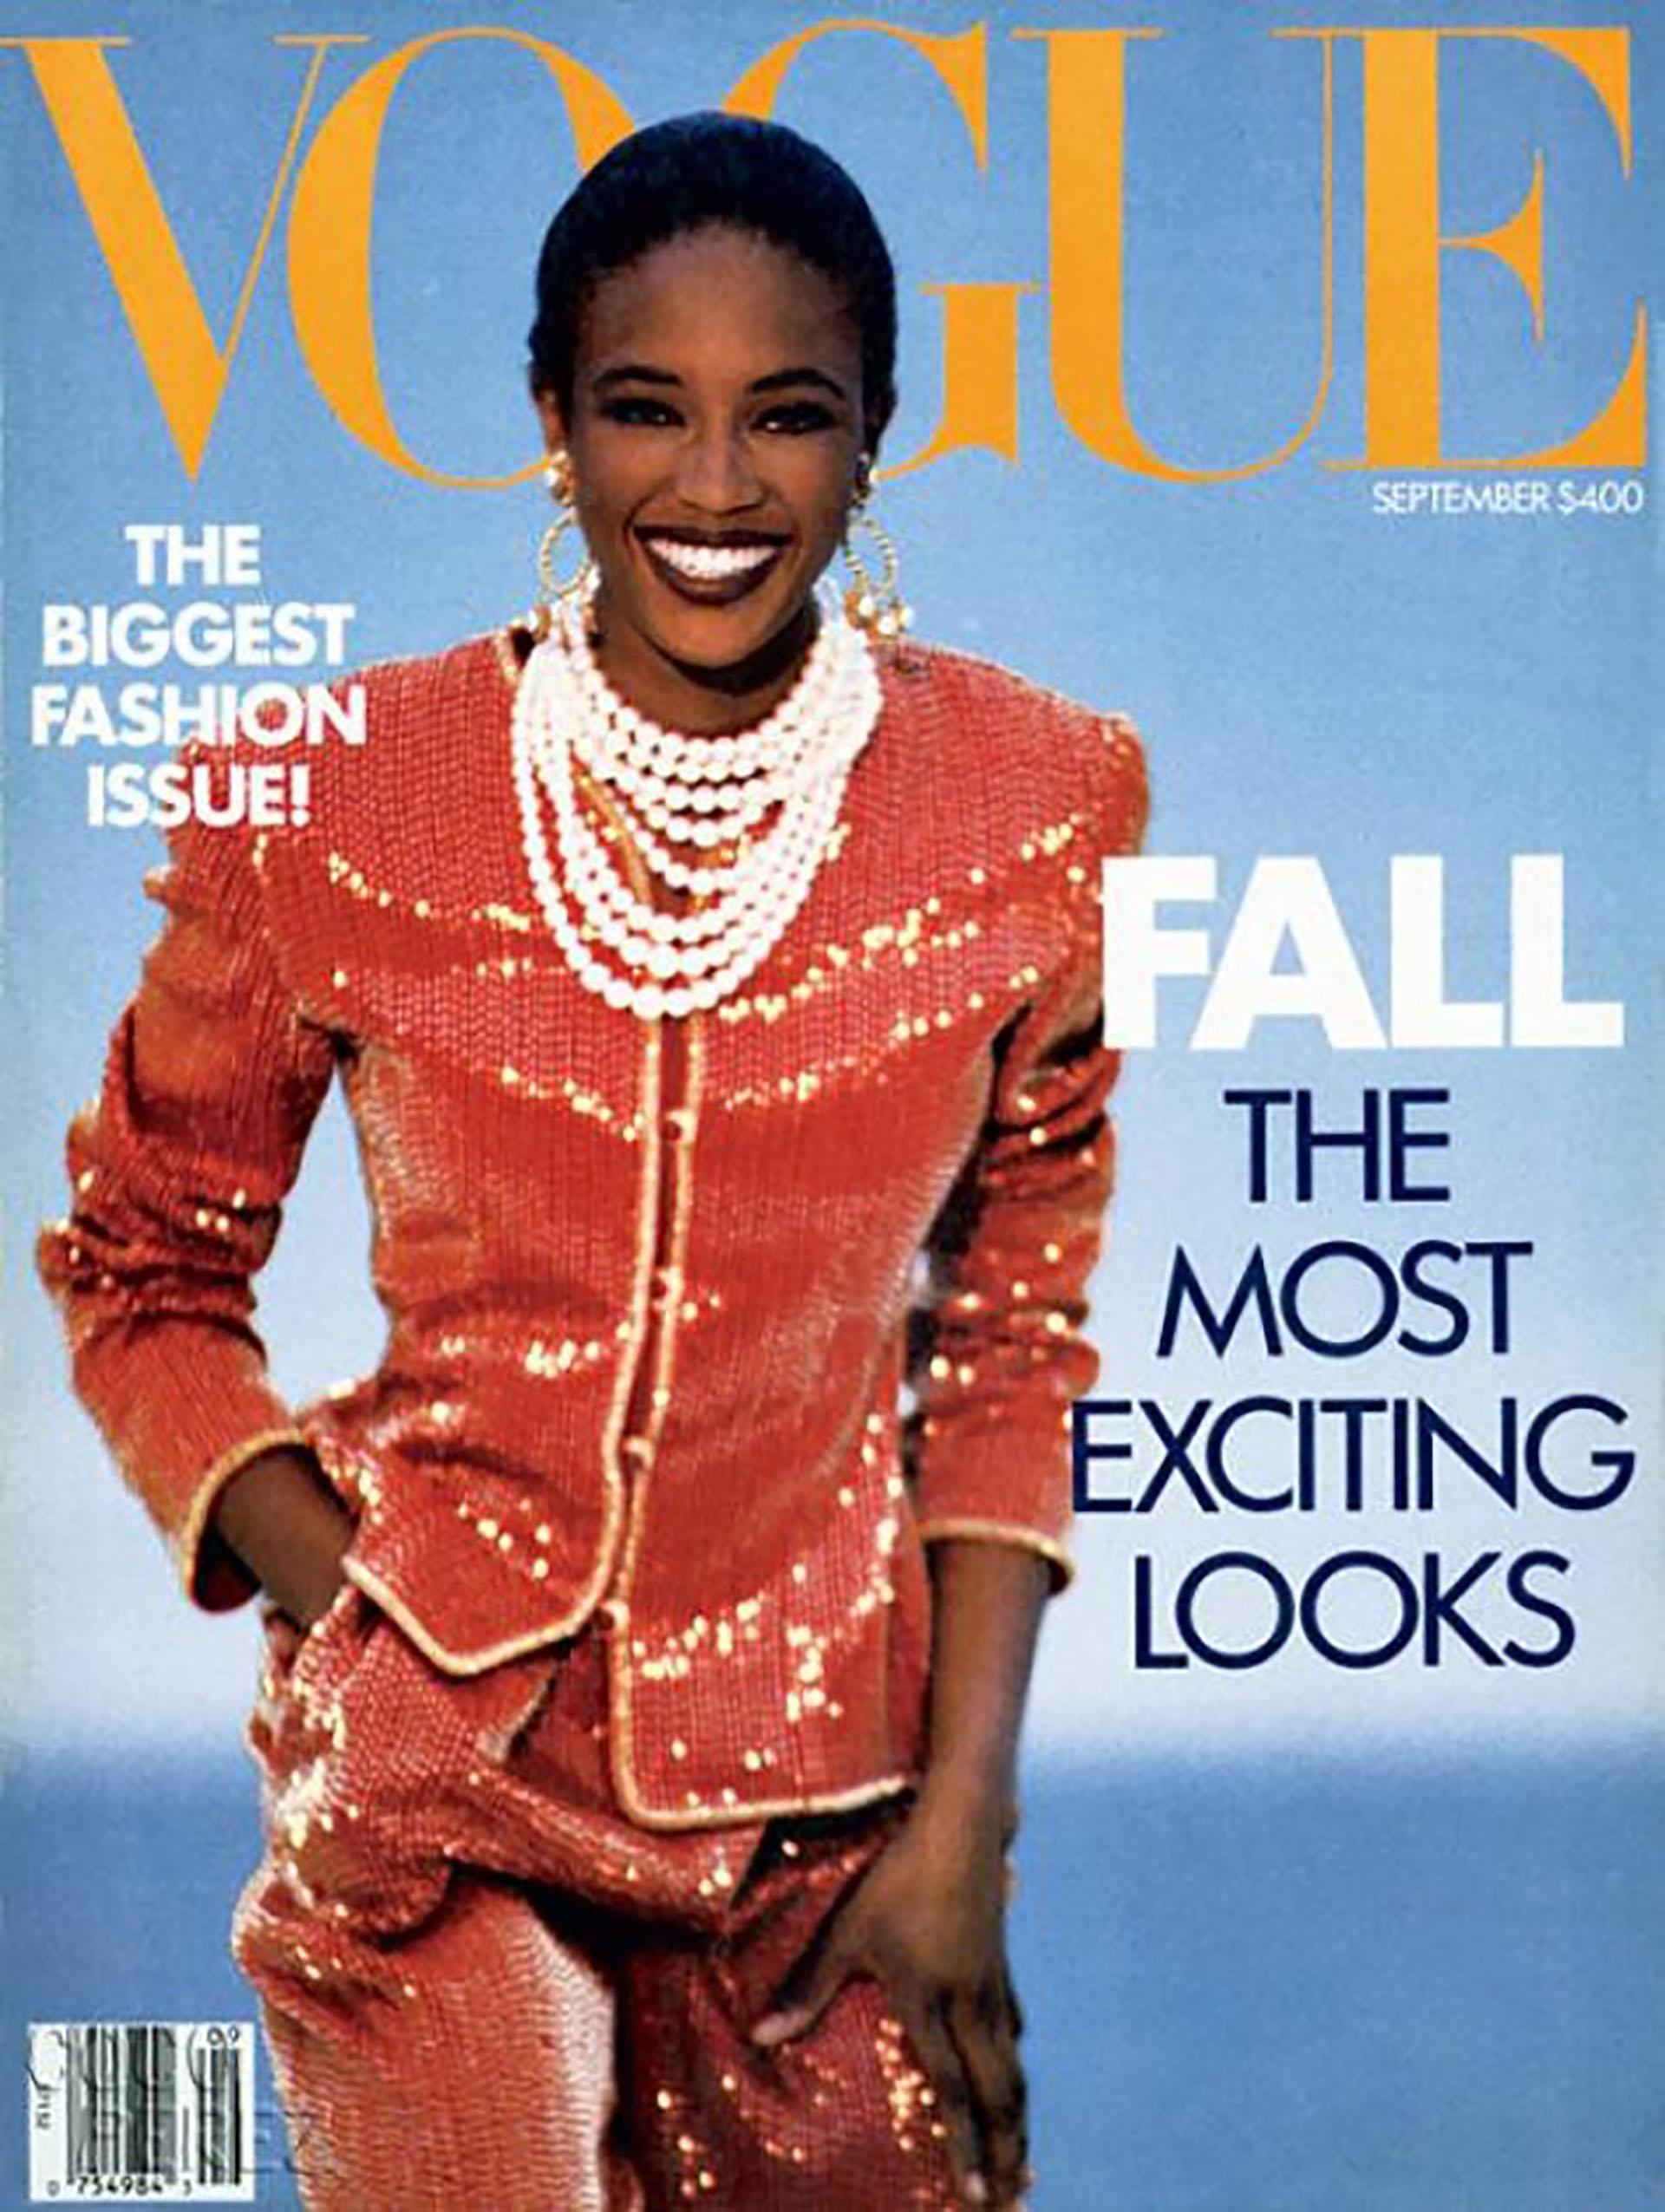 Tapa de Vogue 1989 con Naomi Campbell como estrella de la edición